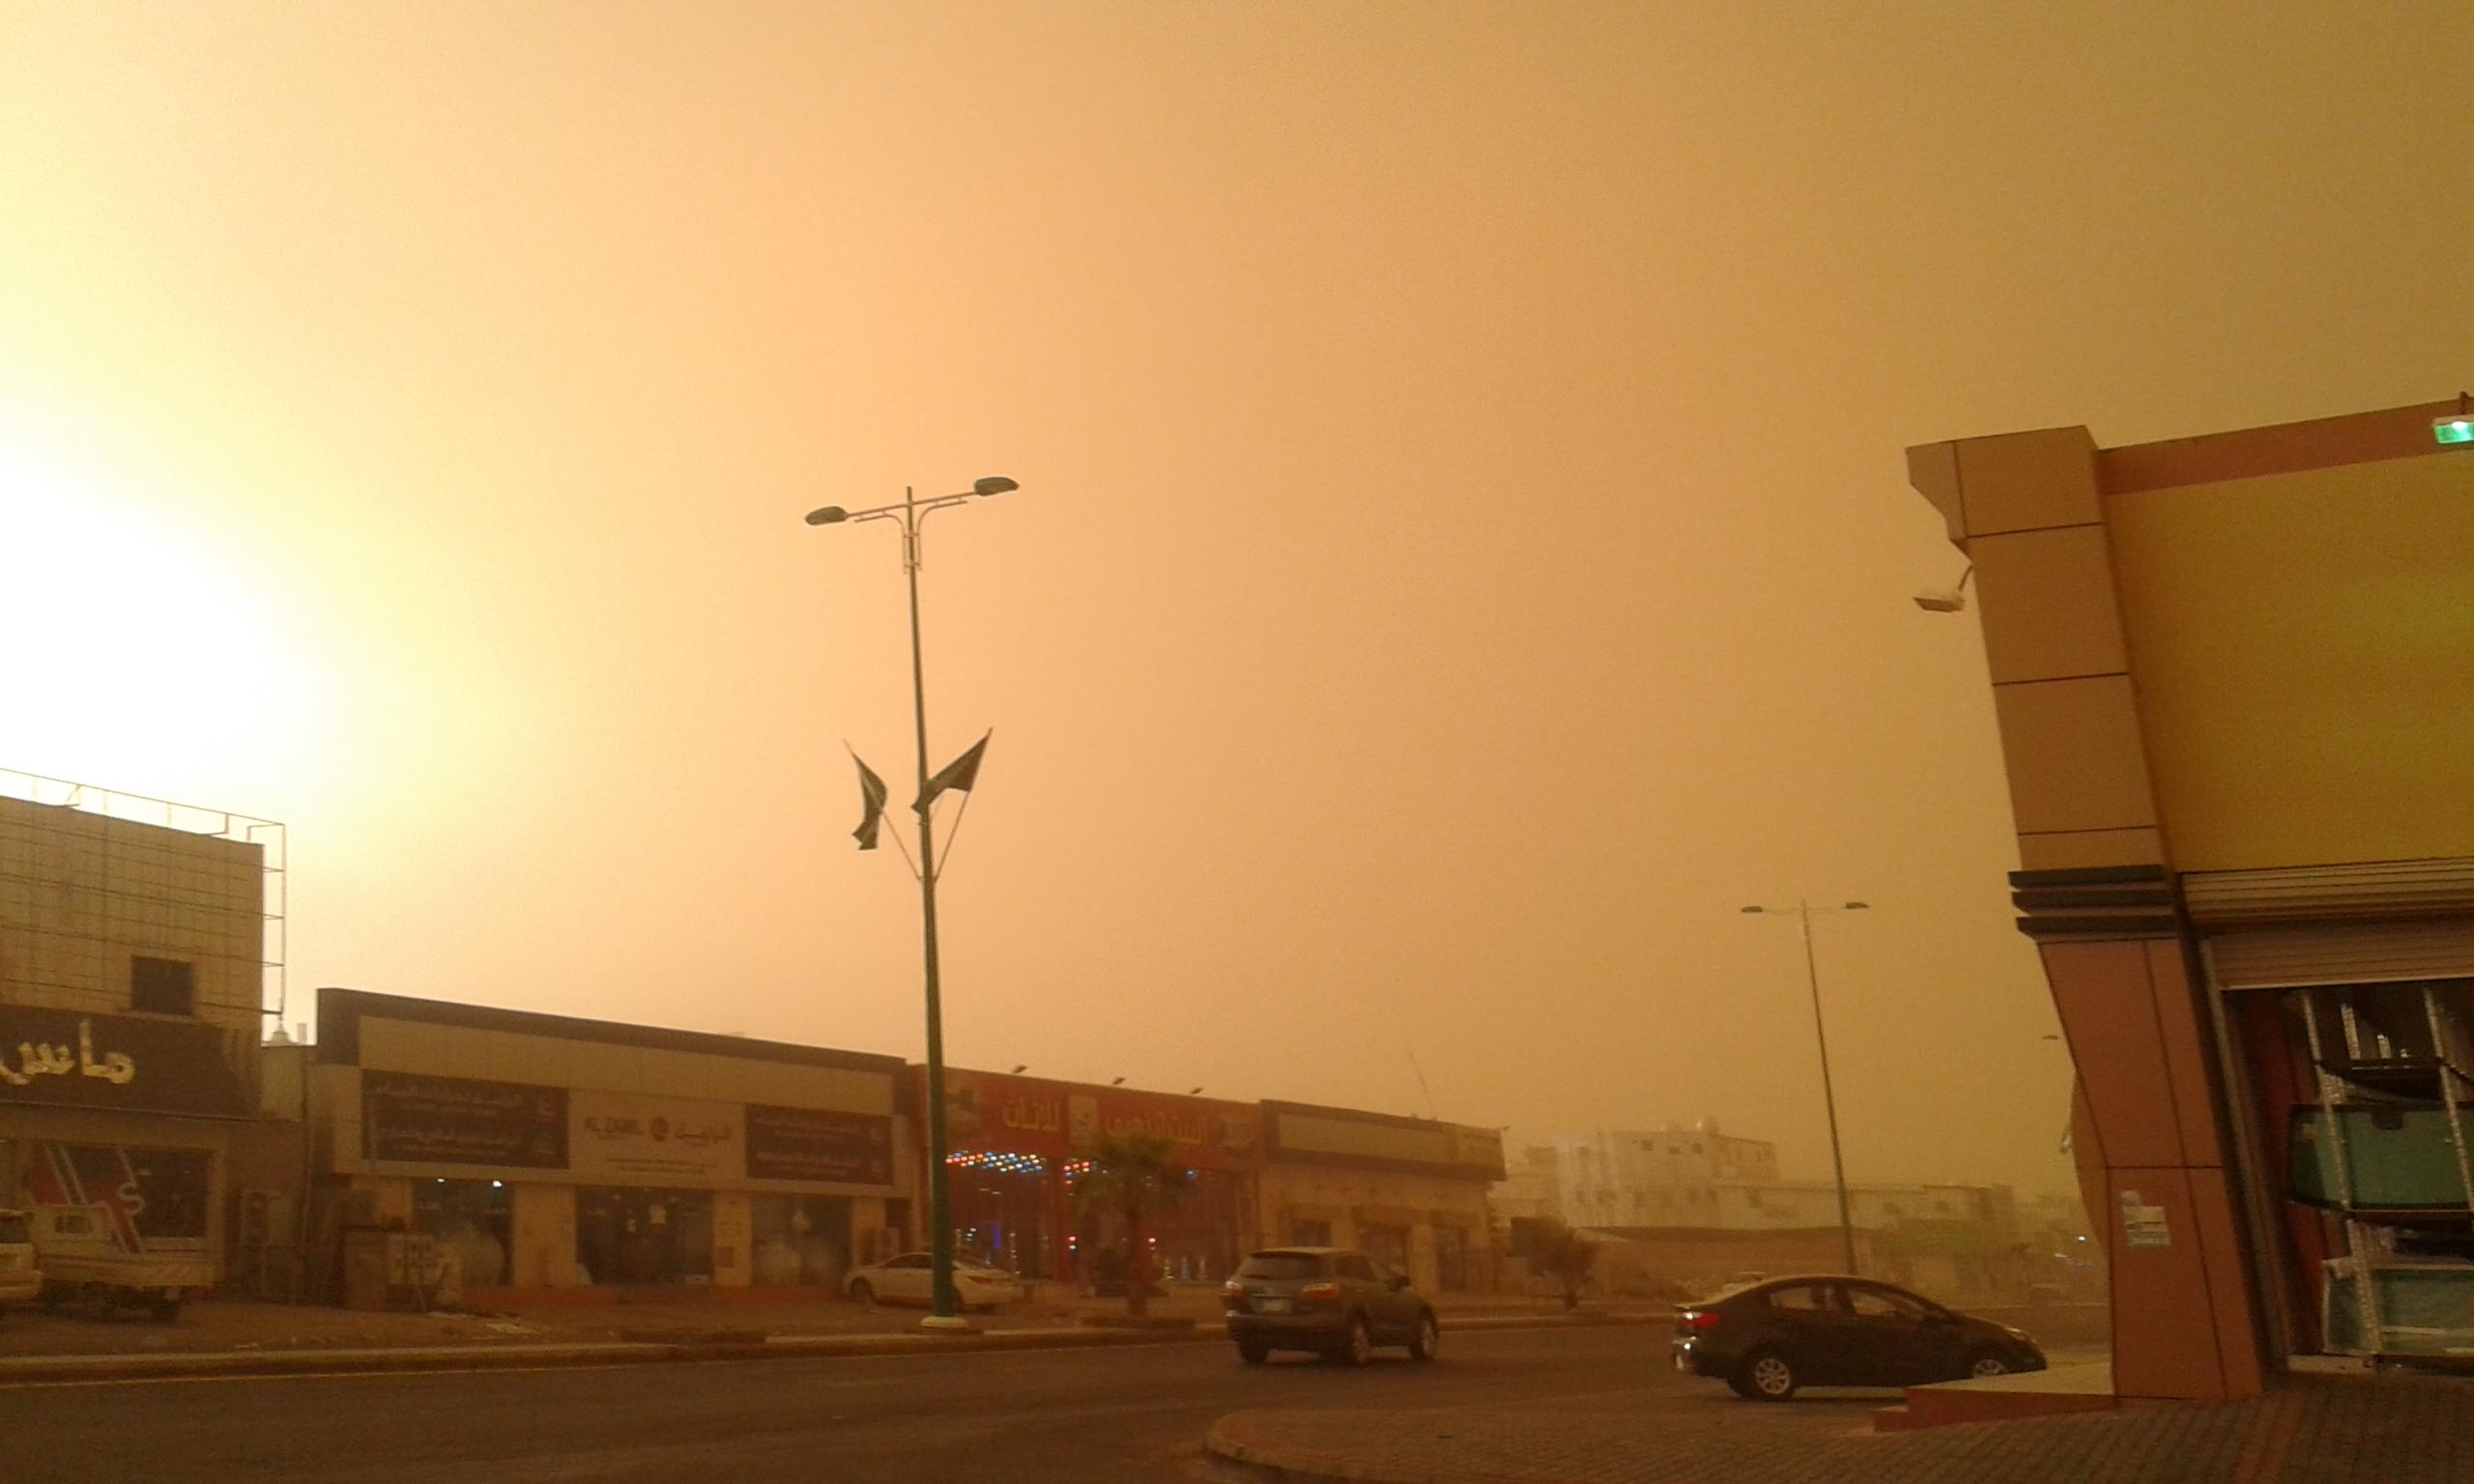 غبار وأمطار على جازان وتبوك حتى هذا الموعد - المواطن